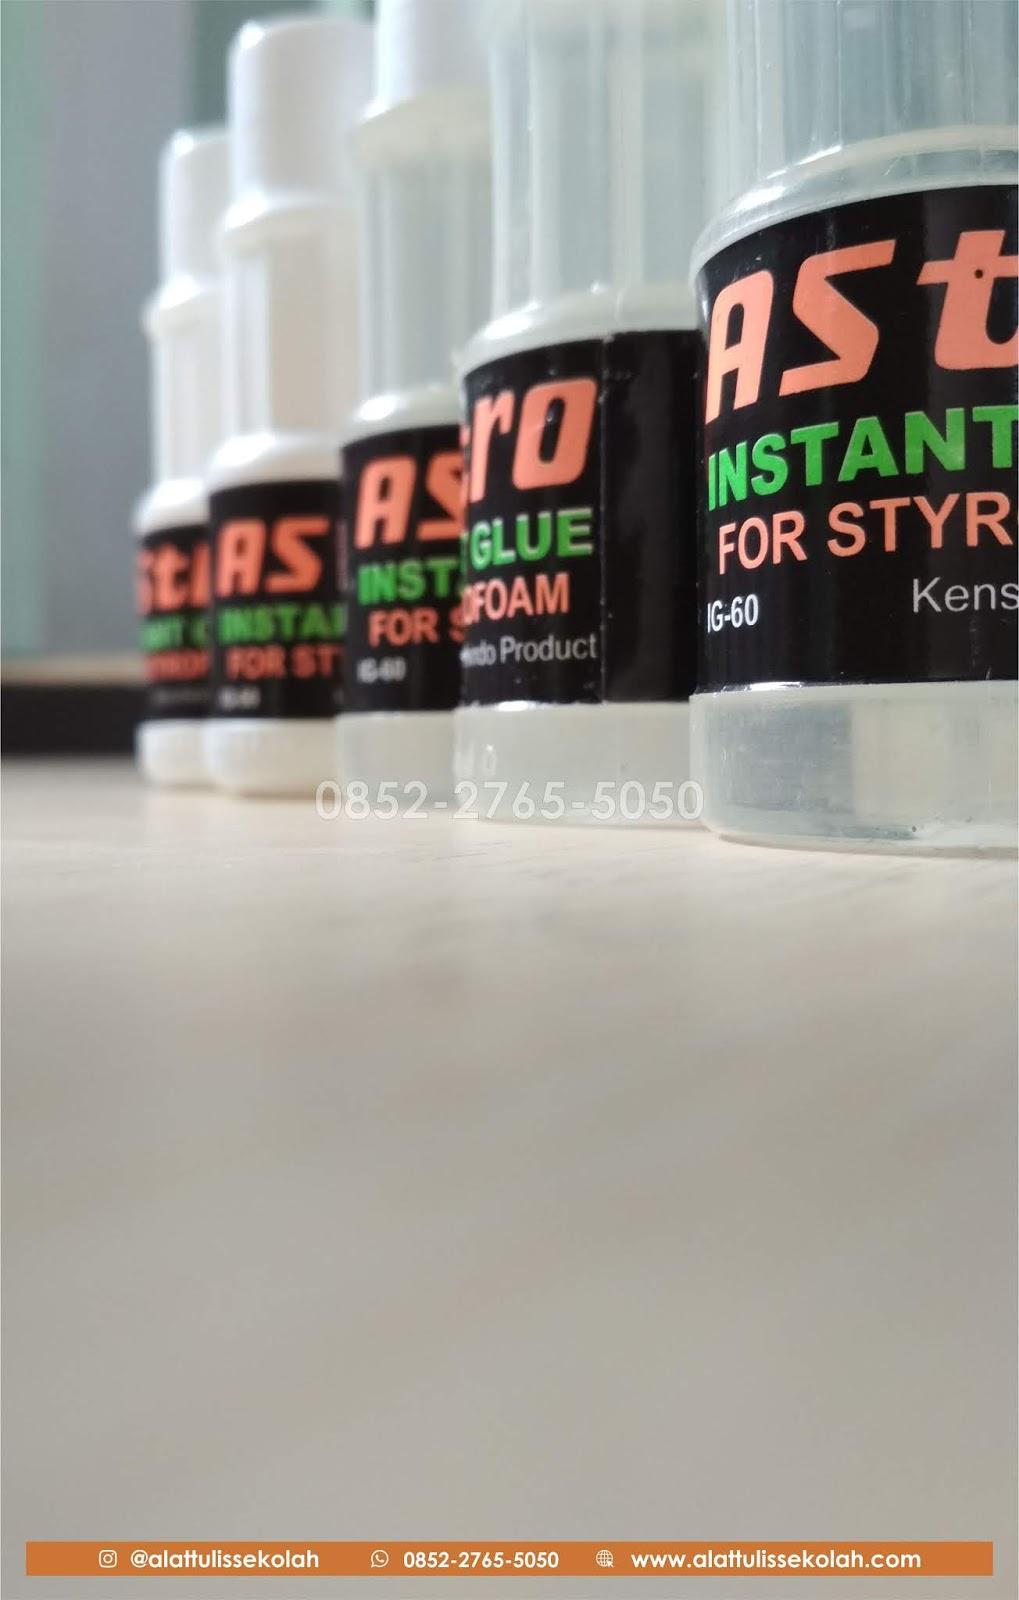 lem astro untuk styrofoam c60a8802da